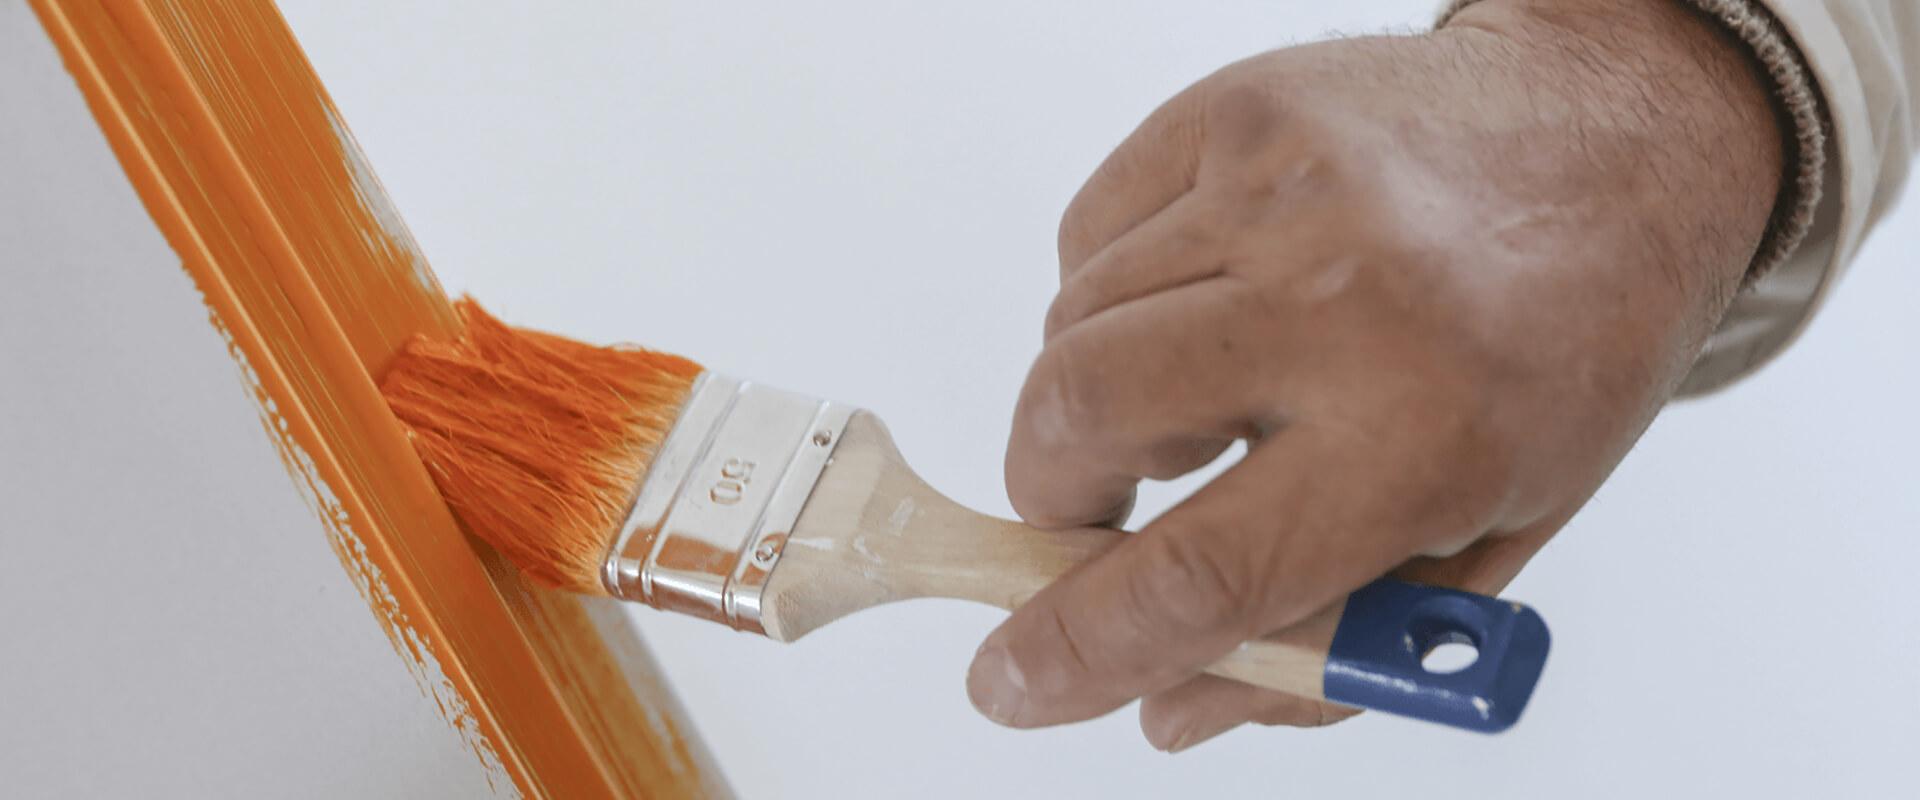 Mitarbeiter beim Streichen eines Tührrahmens